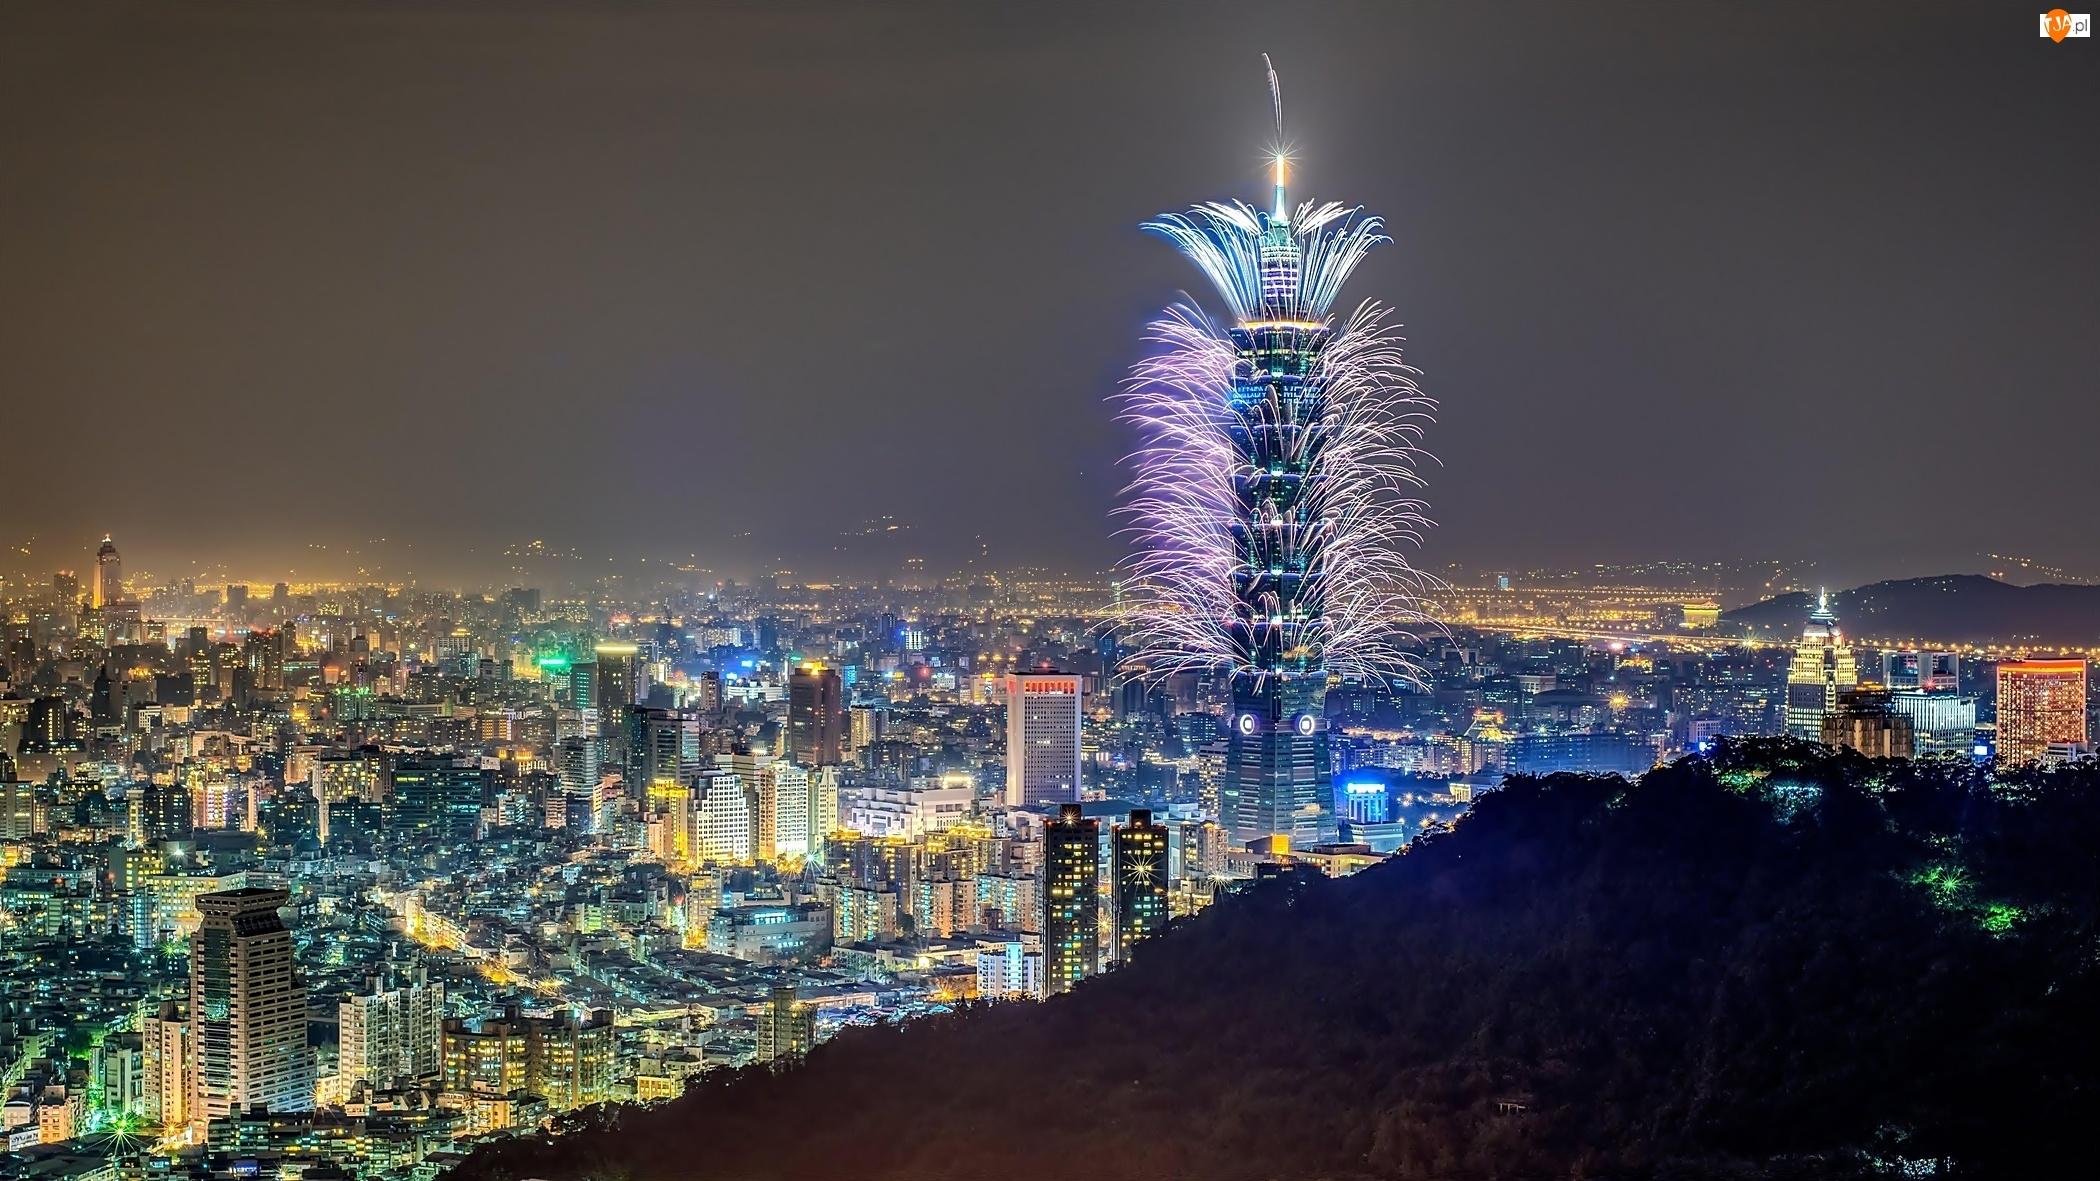 Chmur, Noc, Taipei, Chiny, Fajerwerki, Miasto, Drapacz